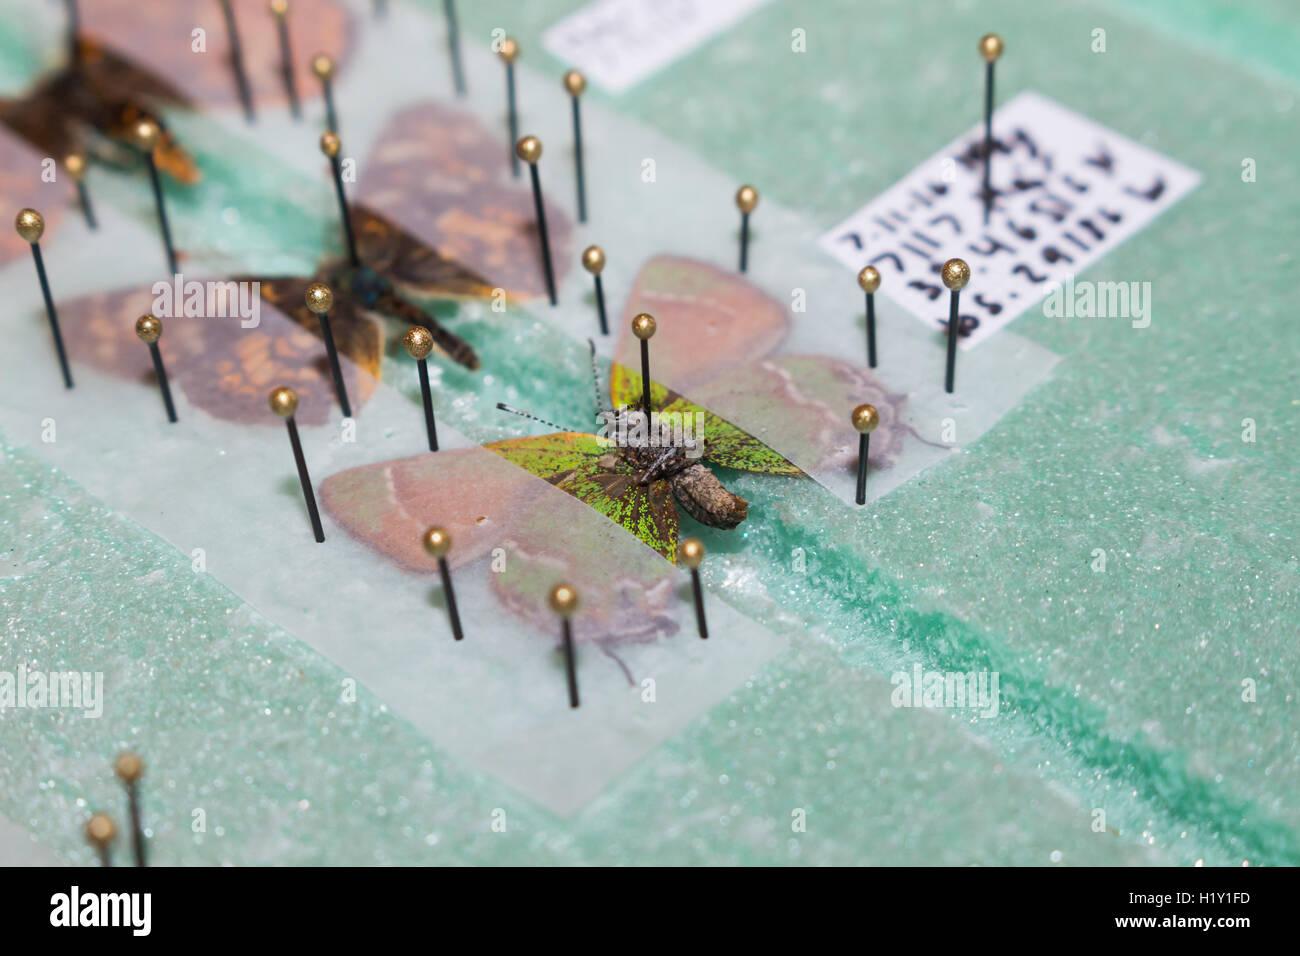 Les papillons épinglés et réparties sur un bord, les préparer pour une collection Banque D'Images